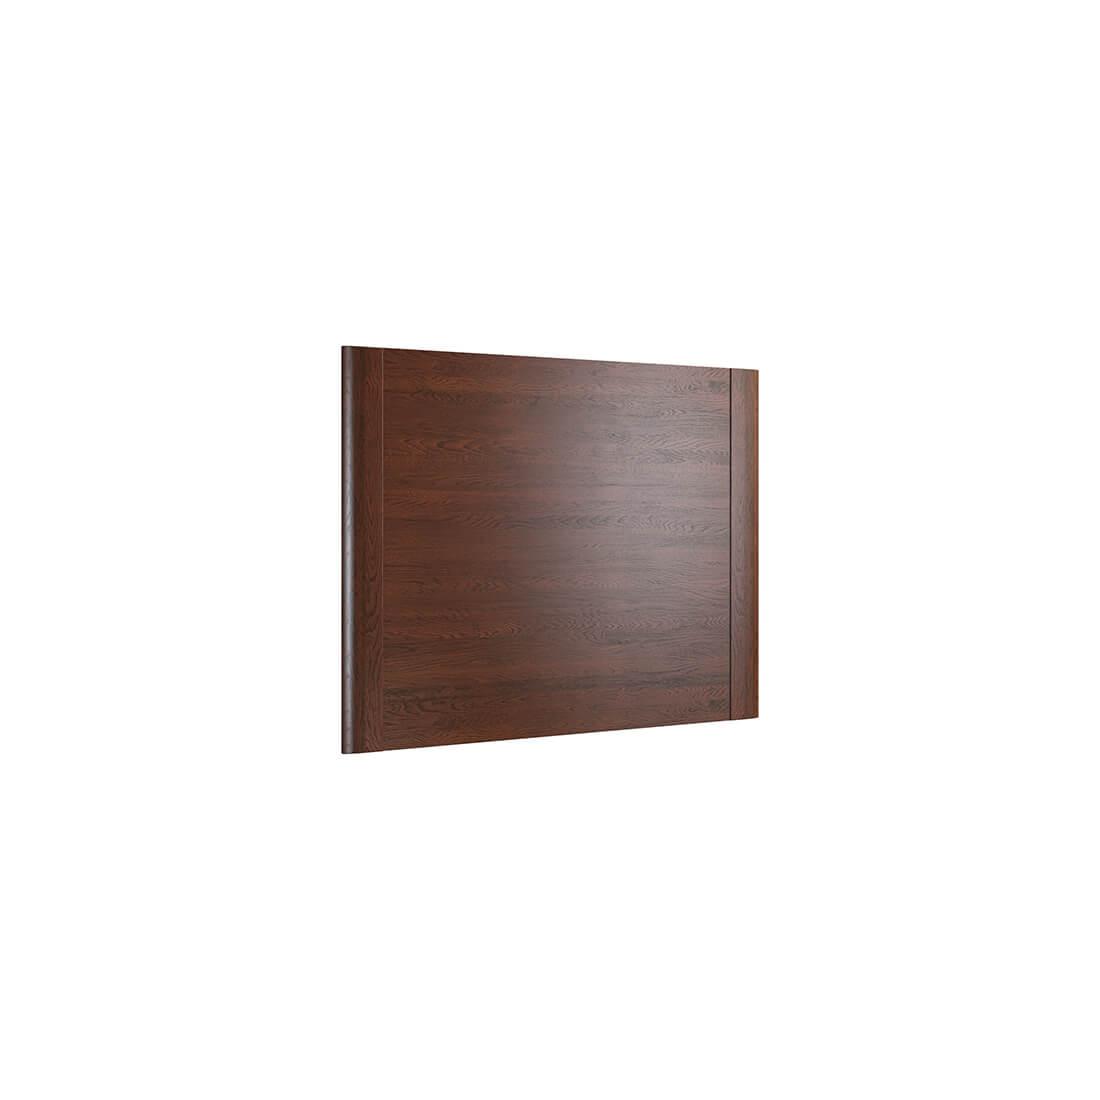 TV панел, колекция Bari